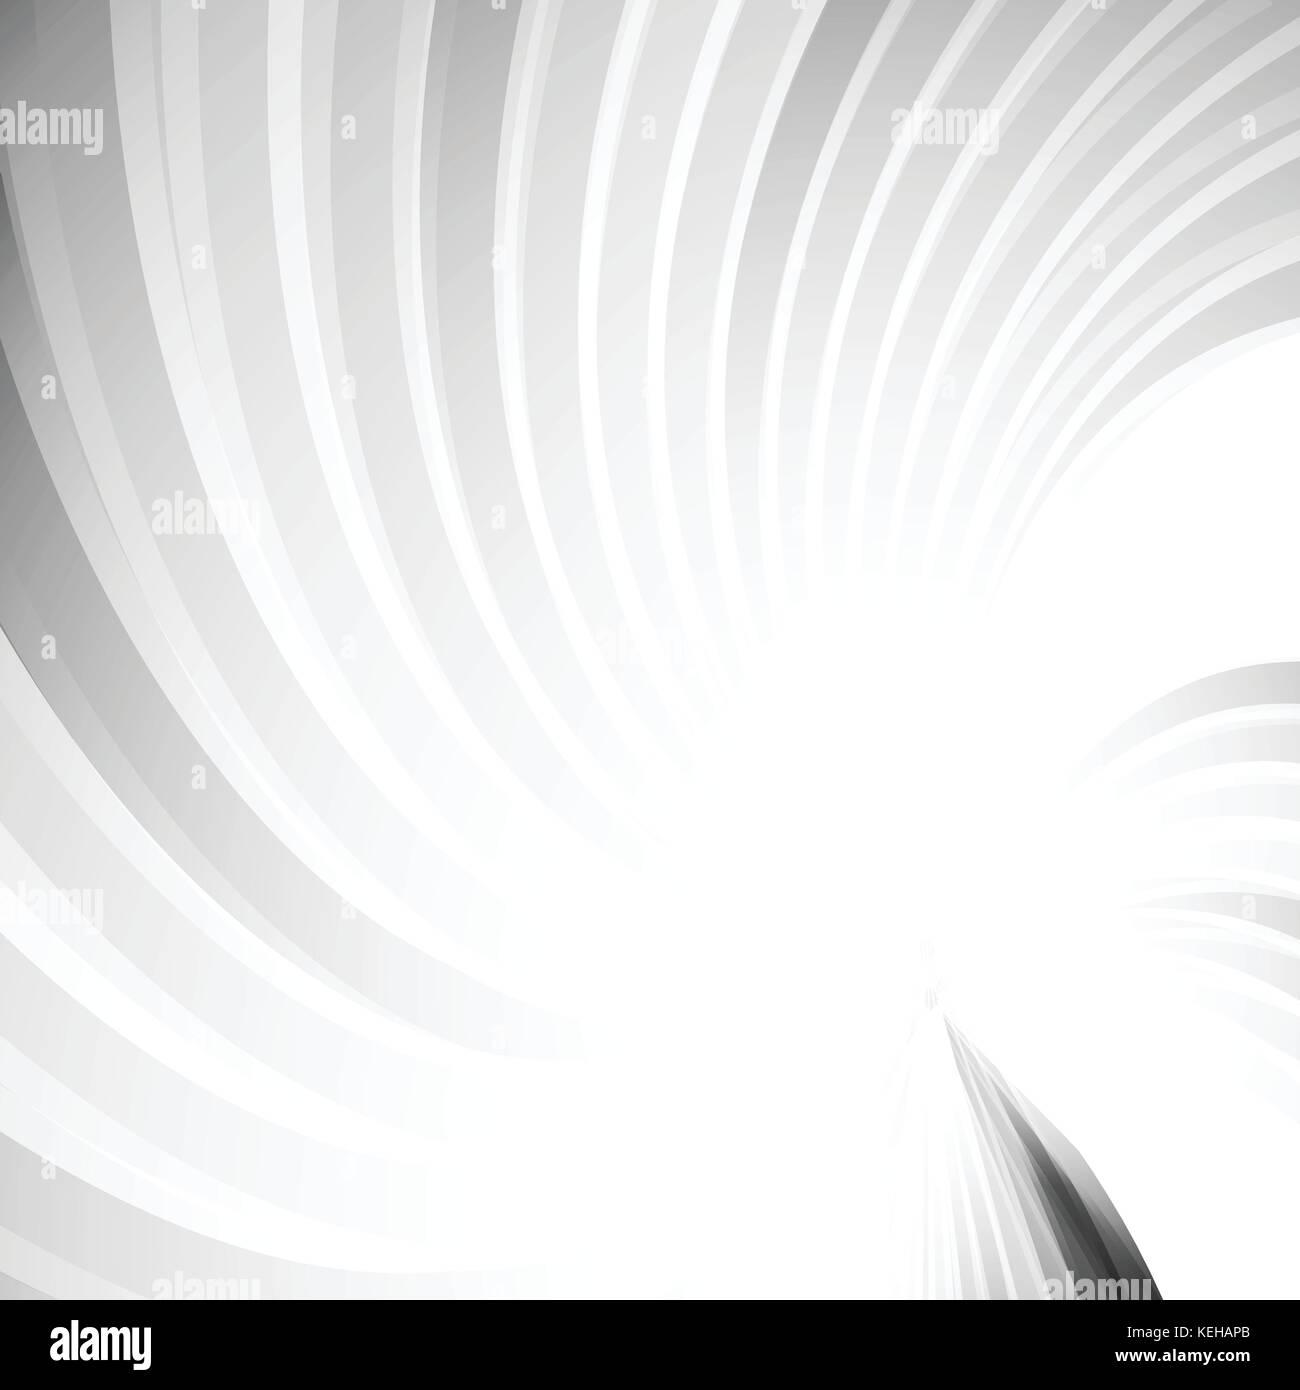 Tourbillon de torsion barre grise abstract background concept Photo Stock